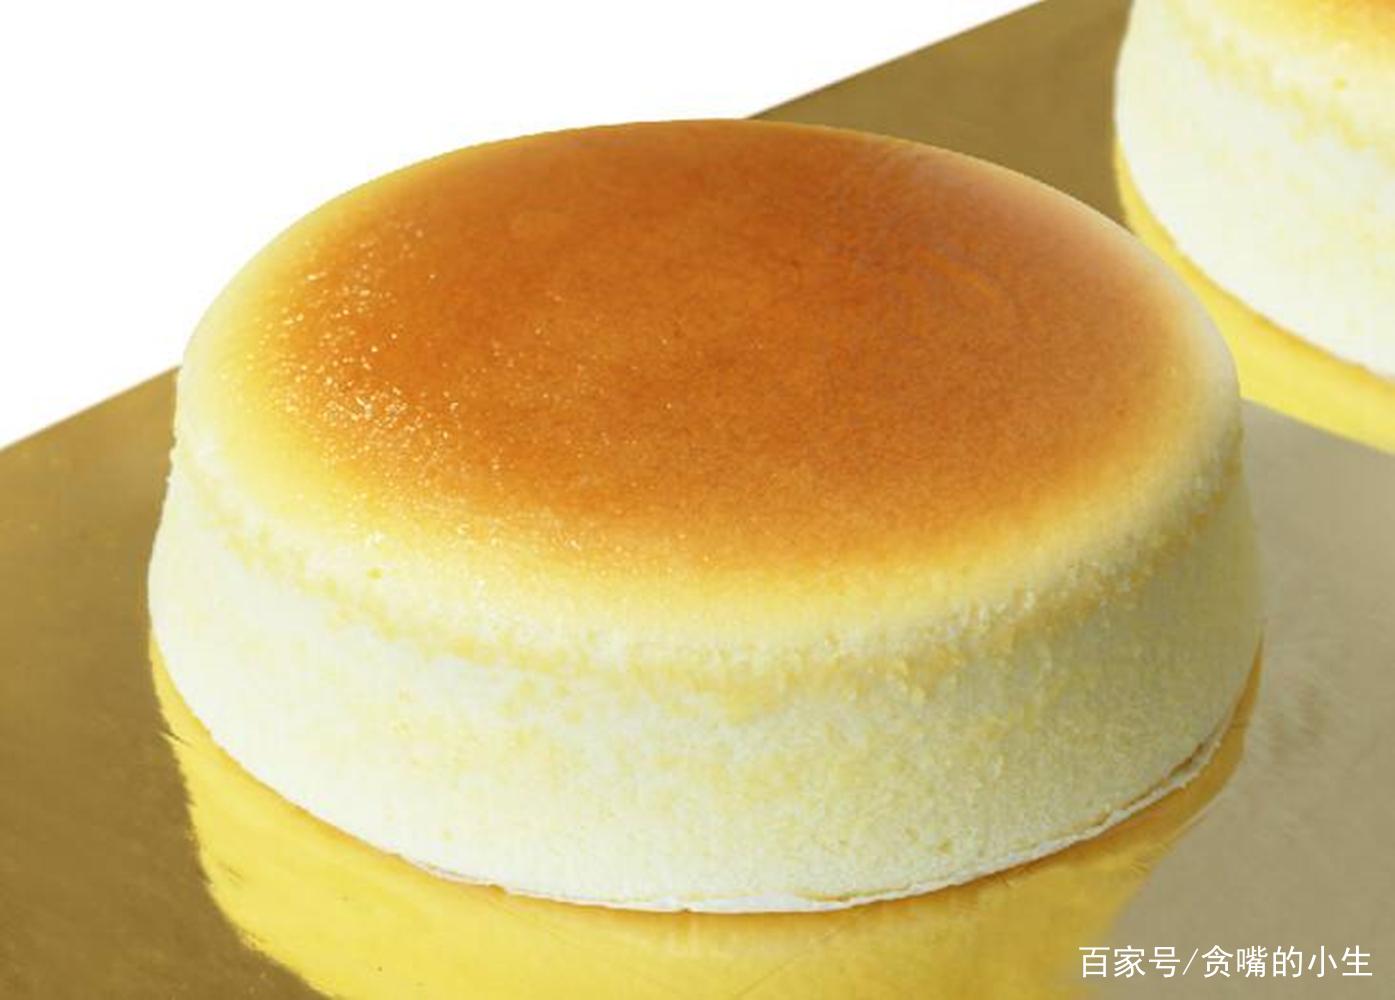 教你做经典的芝士蛋糕,味道香甜,口感滑腻,让人欲罢不能